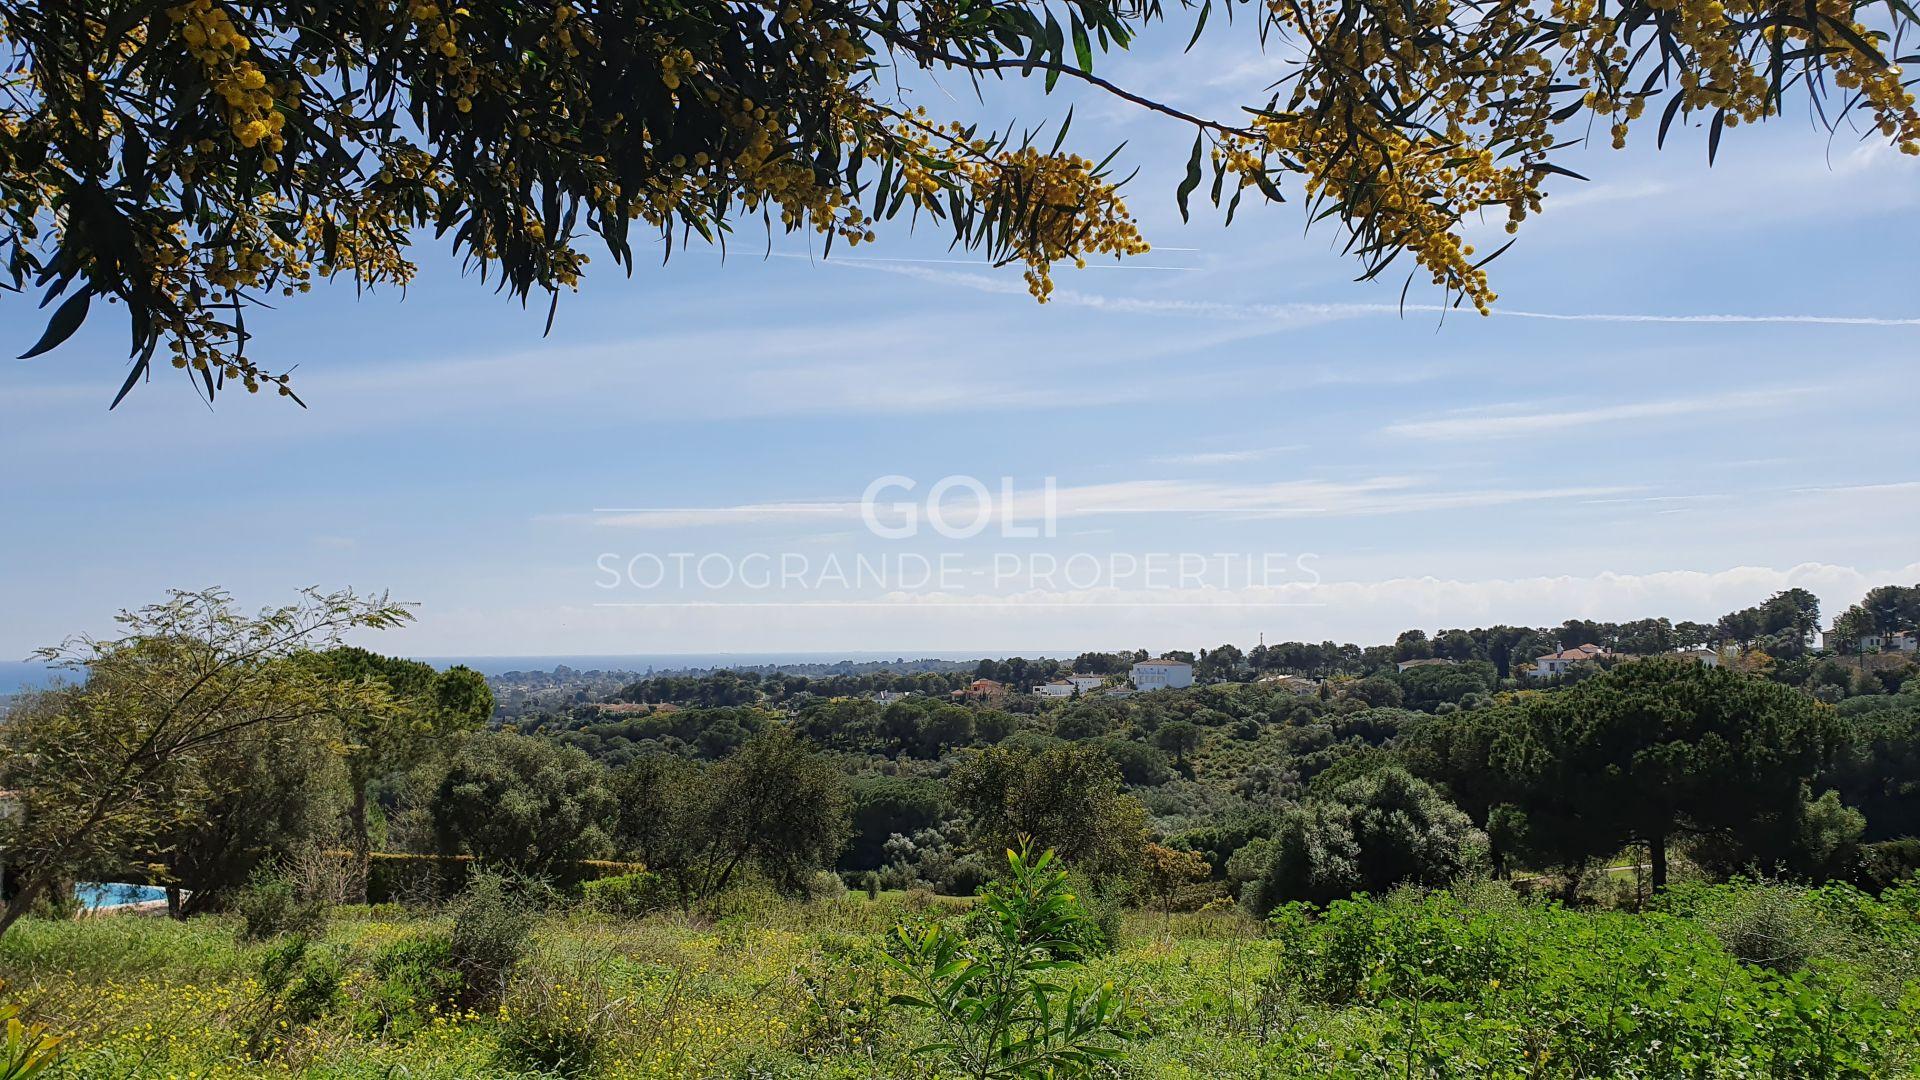 Plot in La Reserva, facing golf course